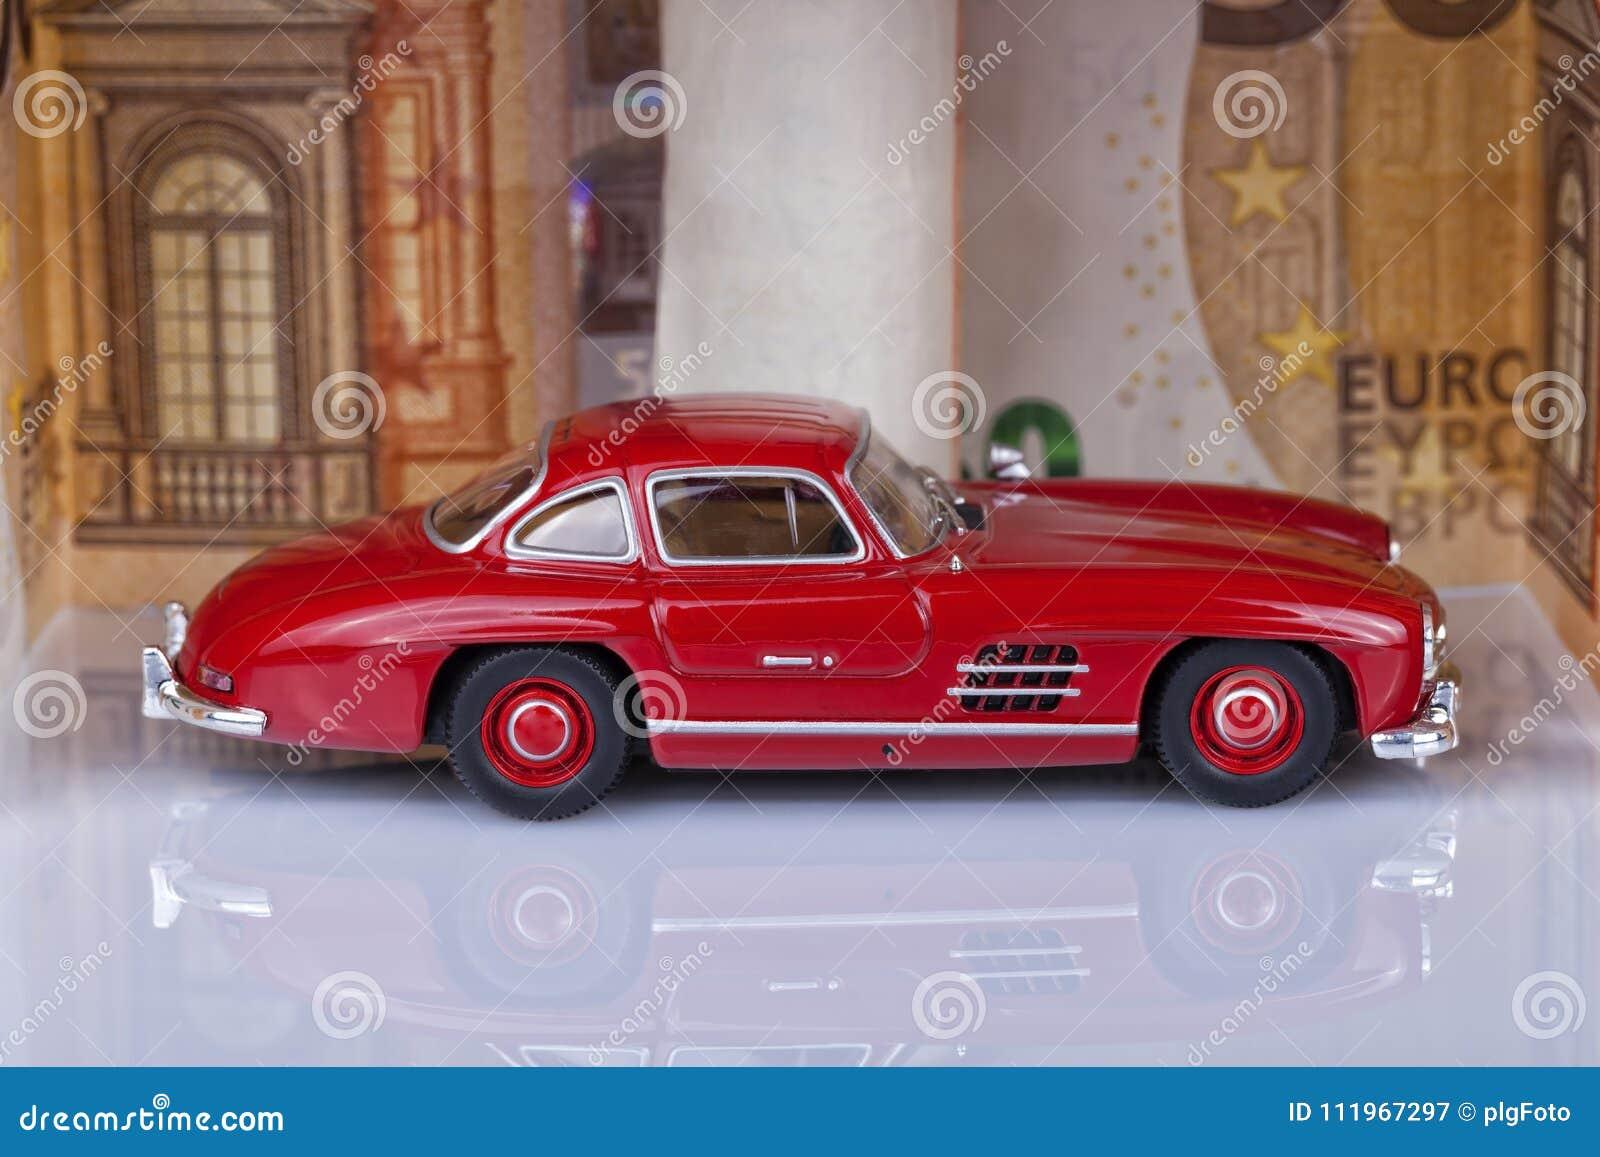 Een klassieke sportwagen van het jaar 1954 van rode kleur binnen een gara